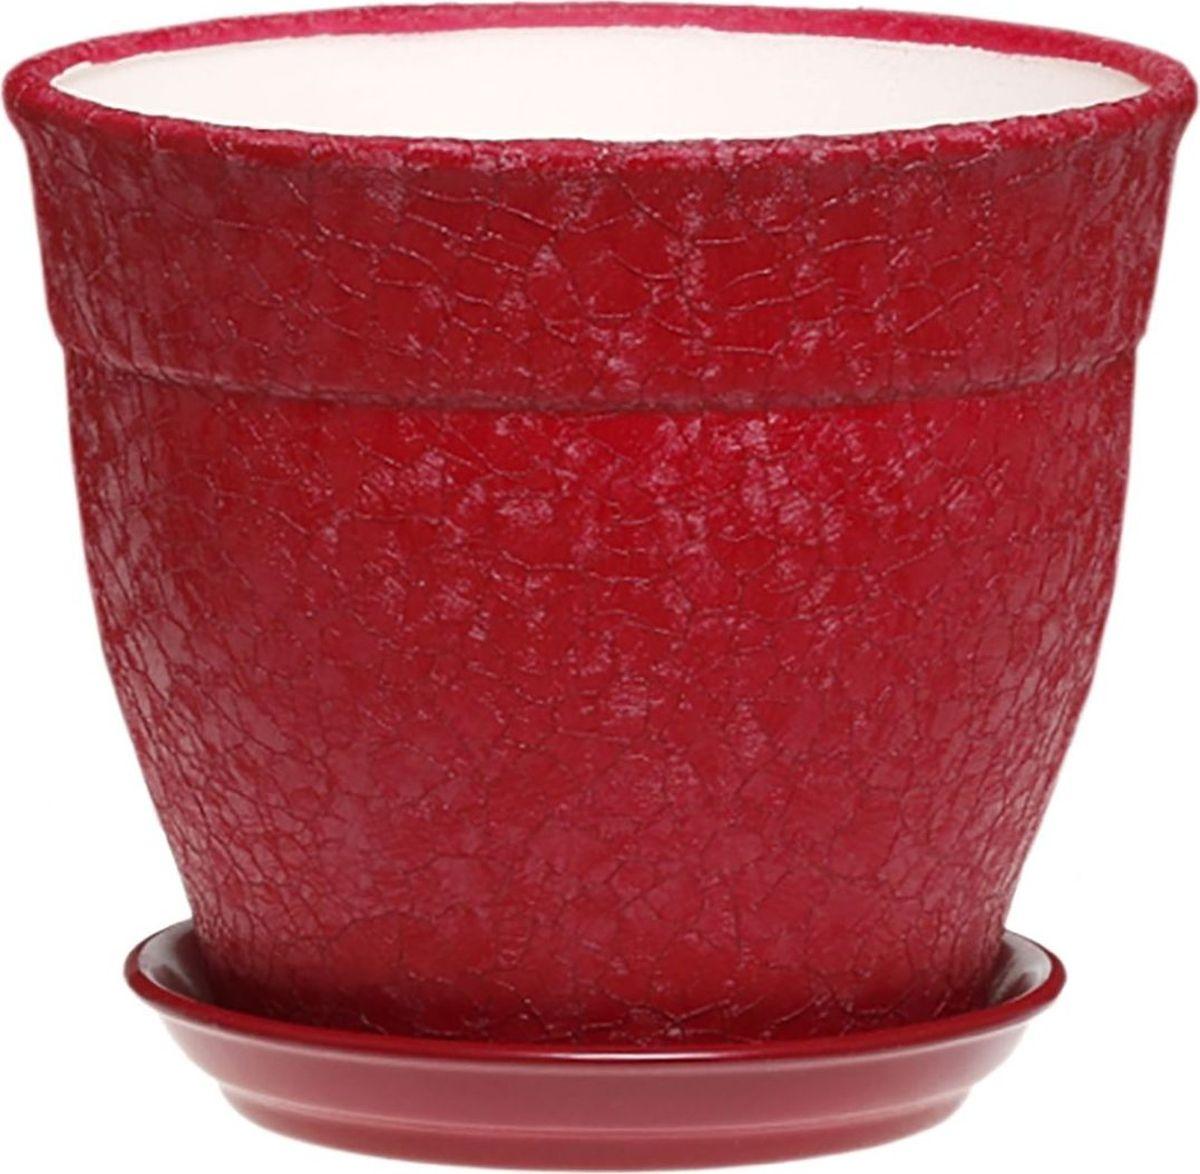 Кашпо Керамика ручной работы Флорис, цвет: бордовый, 3,5 л1158485Комнатные растения — всеобщие любимцы. Они радуют глаз, насыщают помещение кислородом и украшают пространство. Каждому из них необходим свой удобный и красивый дом. Кашпо из керамики прекрасно подходят для высадки растений: за счёт пластичности глины и разных способов обработки существует великое множество форм и дизайновпористый материал позволяет испаряться лишней влагевоздух, необходимый для дыхания корней, проникает сквозь керамические стенки! #name# позаботится о зелёном питомце, освежит интерьер и подчеркнёт его стиль.